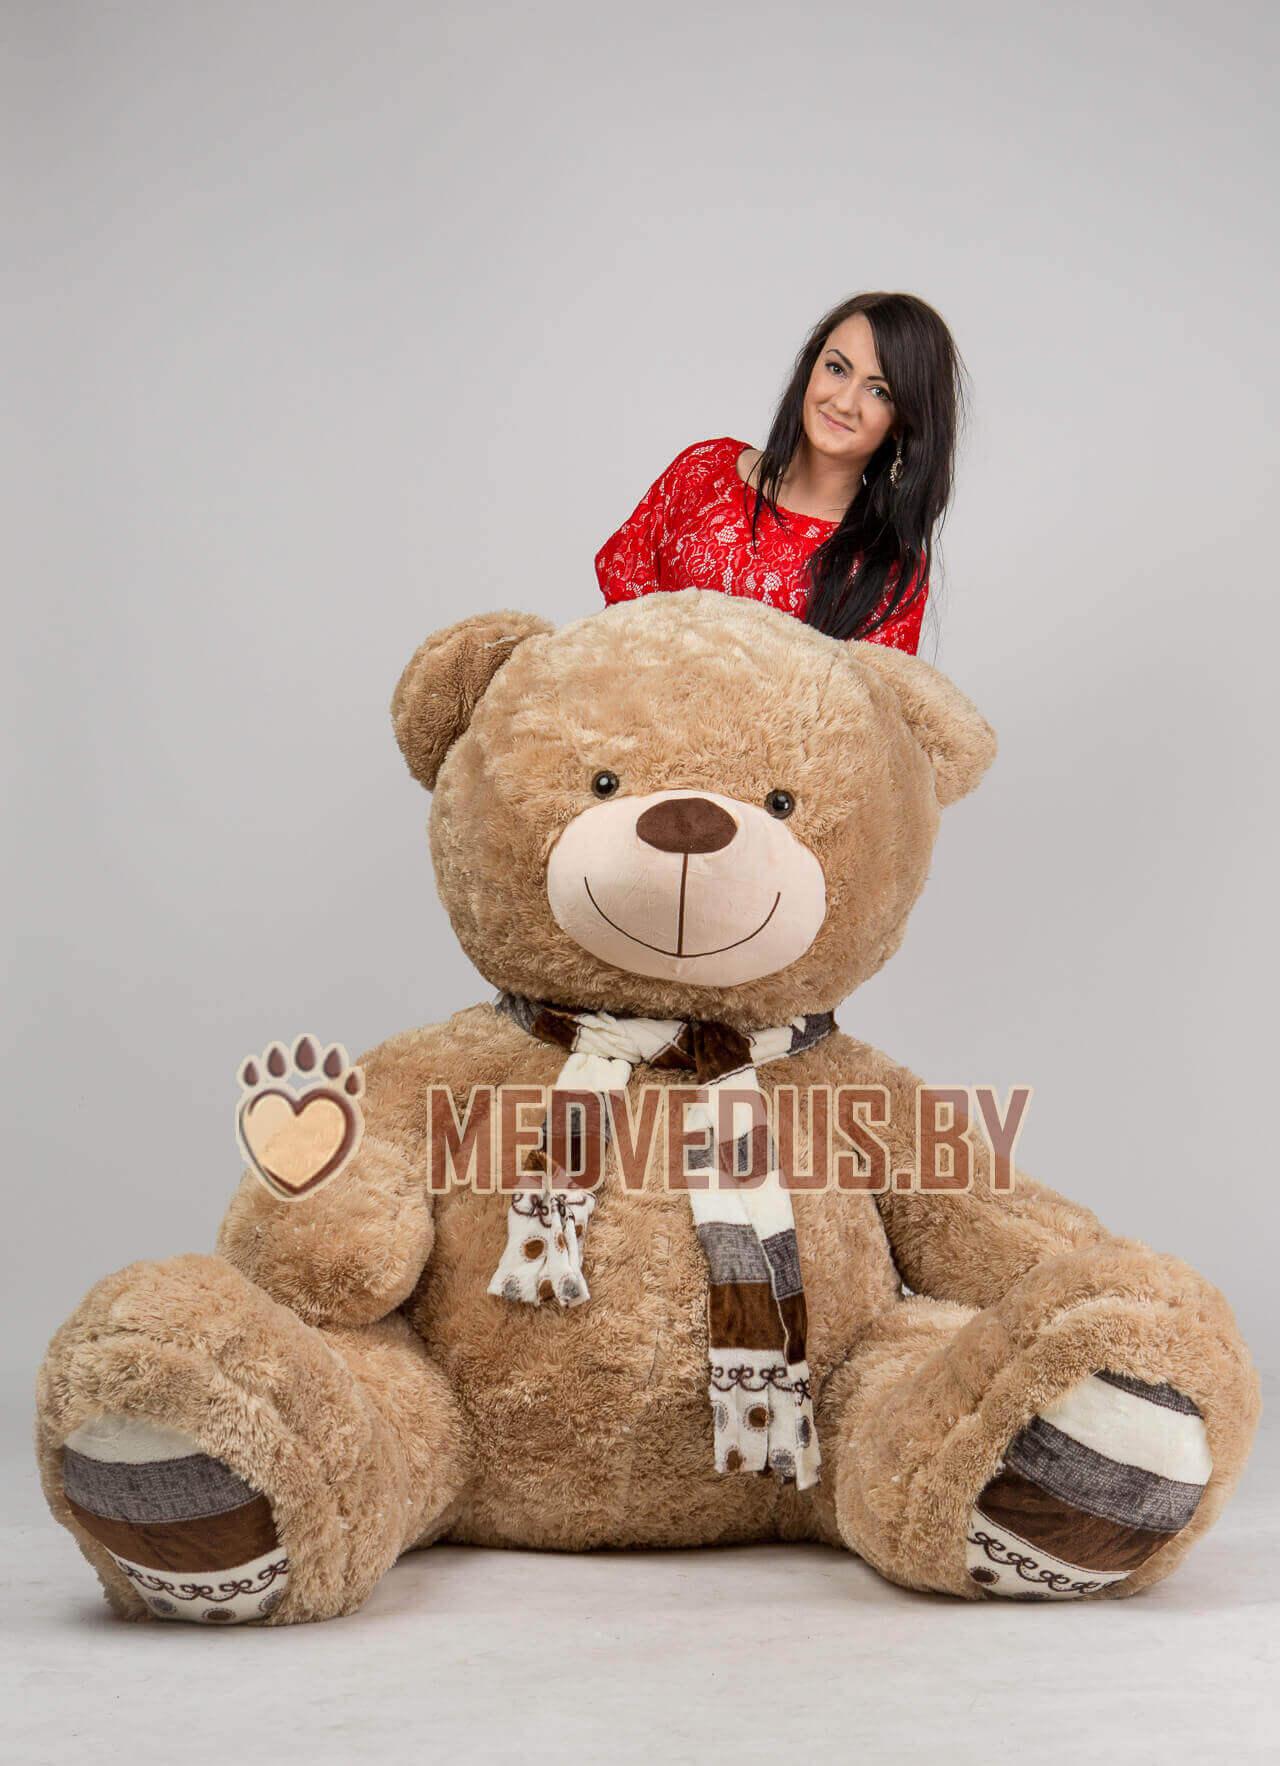 Купить плюшевого медведя в Новогрудке